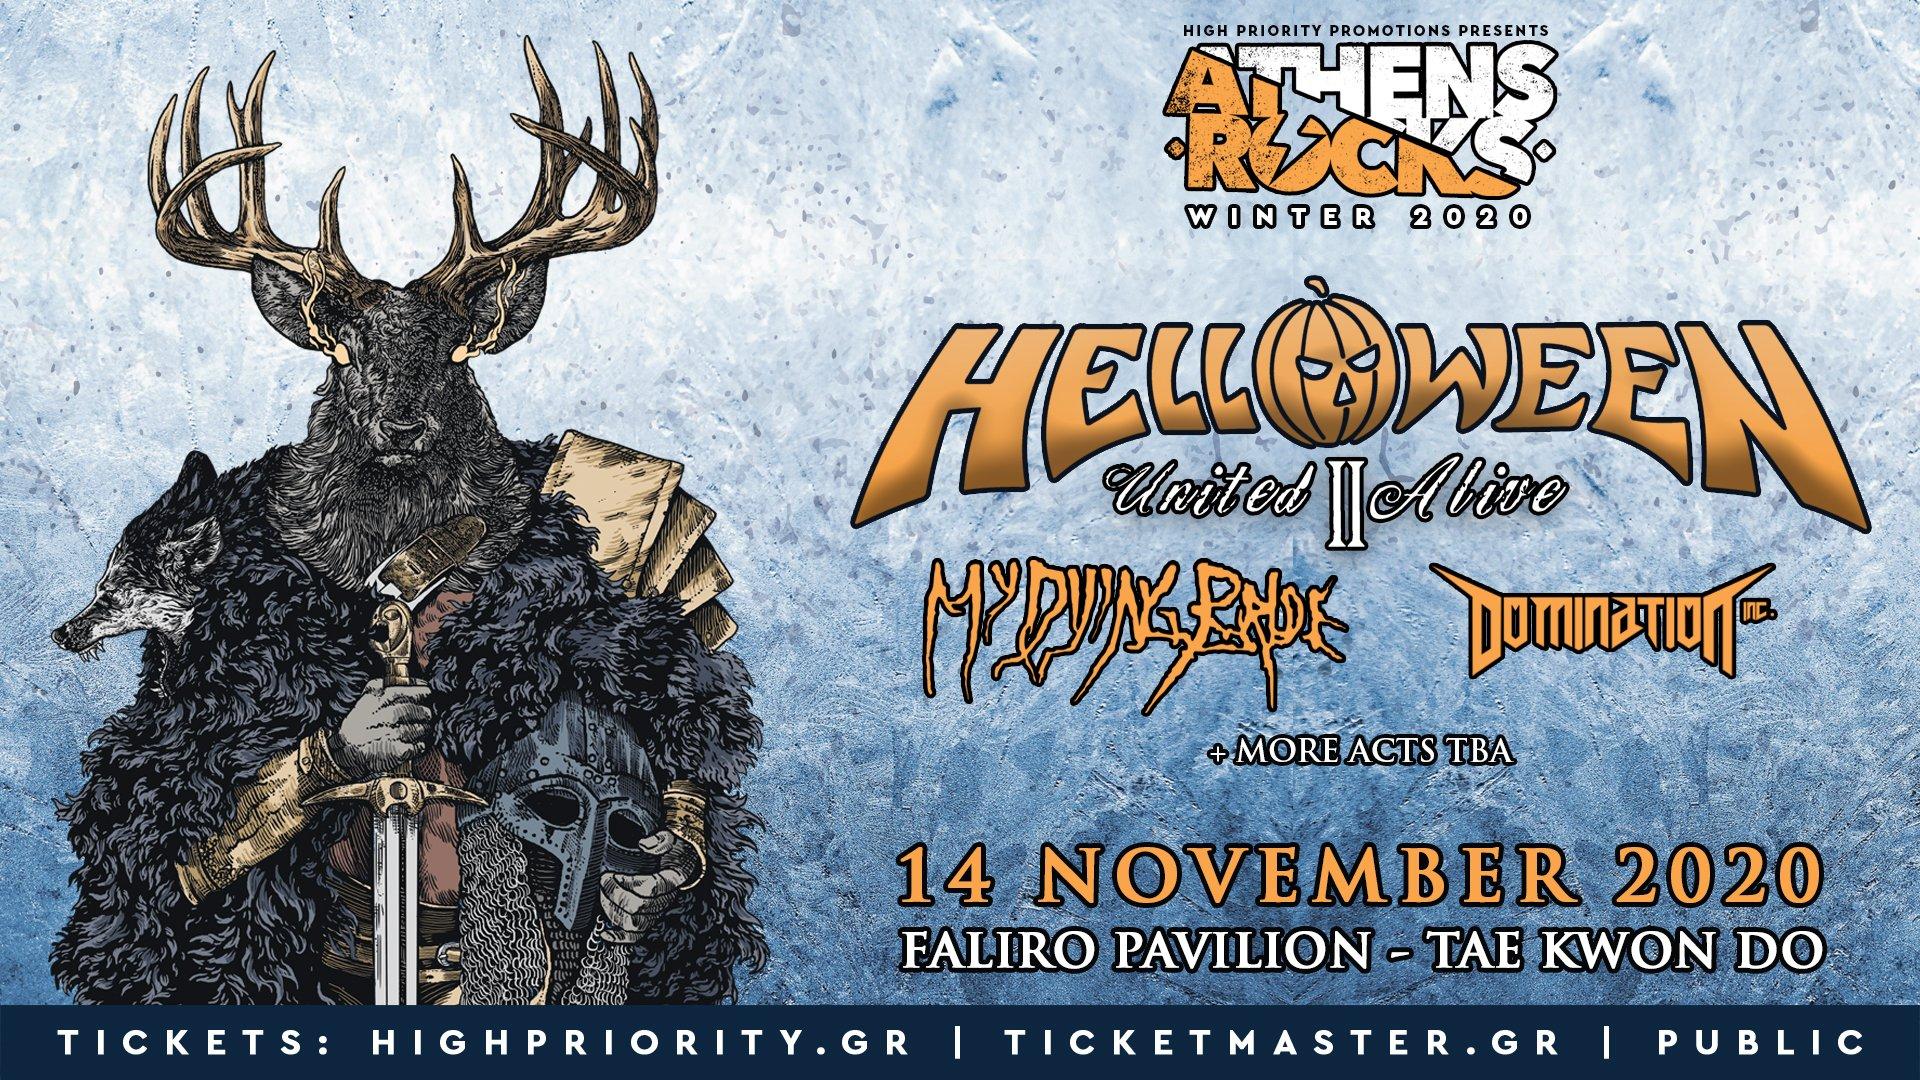 Οι HELLOWEEN στο AthensRocks Winter 2020 | Σάββατο 14 Νοεμβρίου – Κλειστό Παλαιού Φαλήρου Tae Kwon Do!!